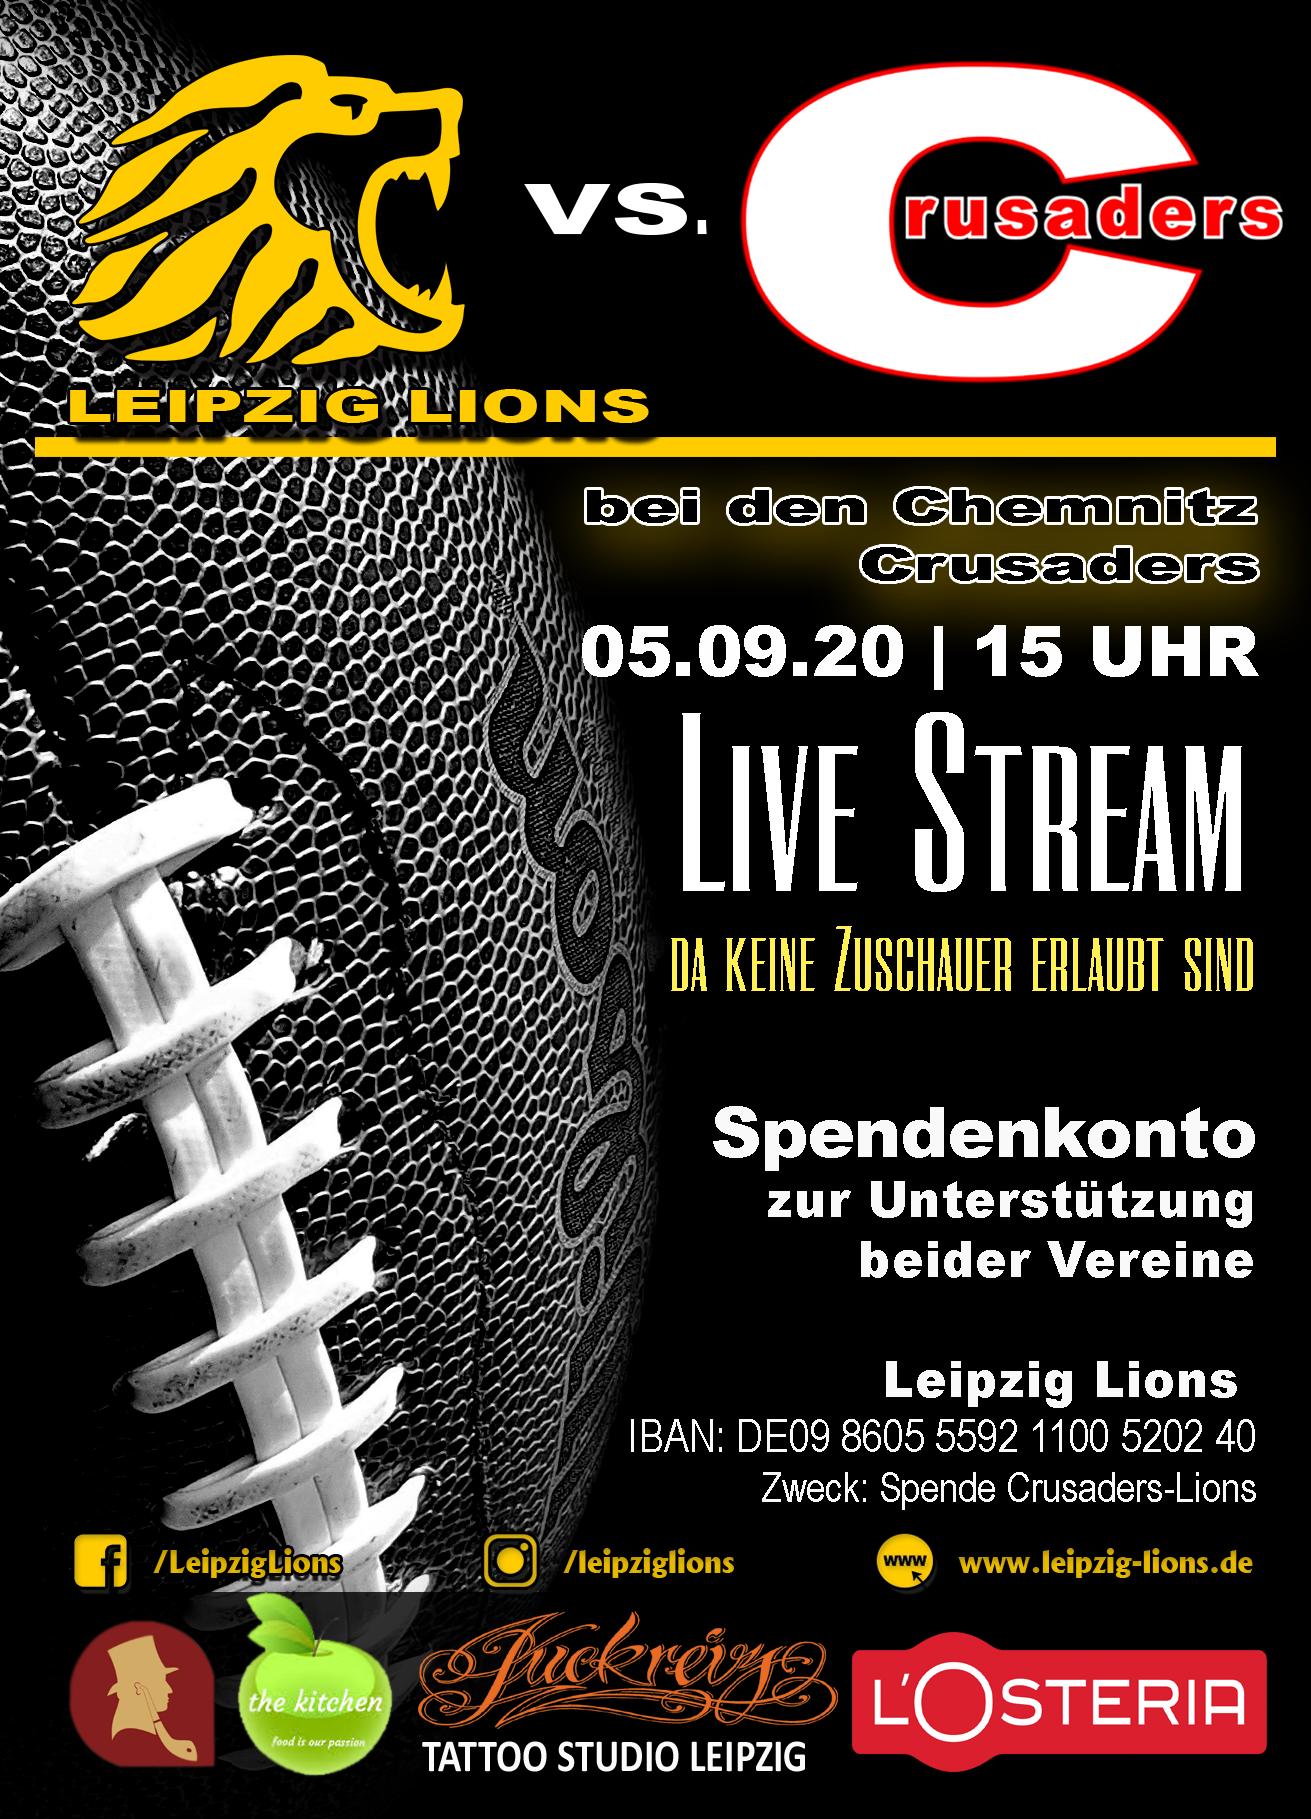 FYLER_LL_2020 Live Stream Chemnitz vs. Leipzig Lions